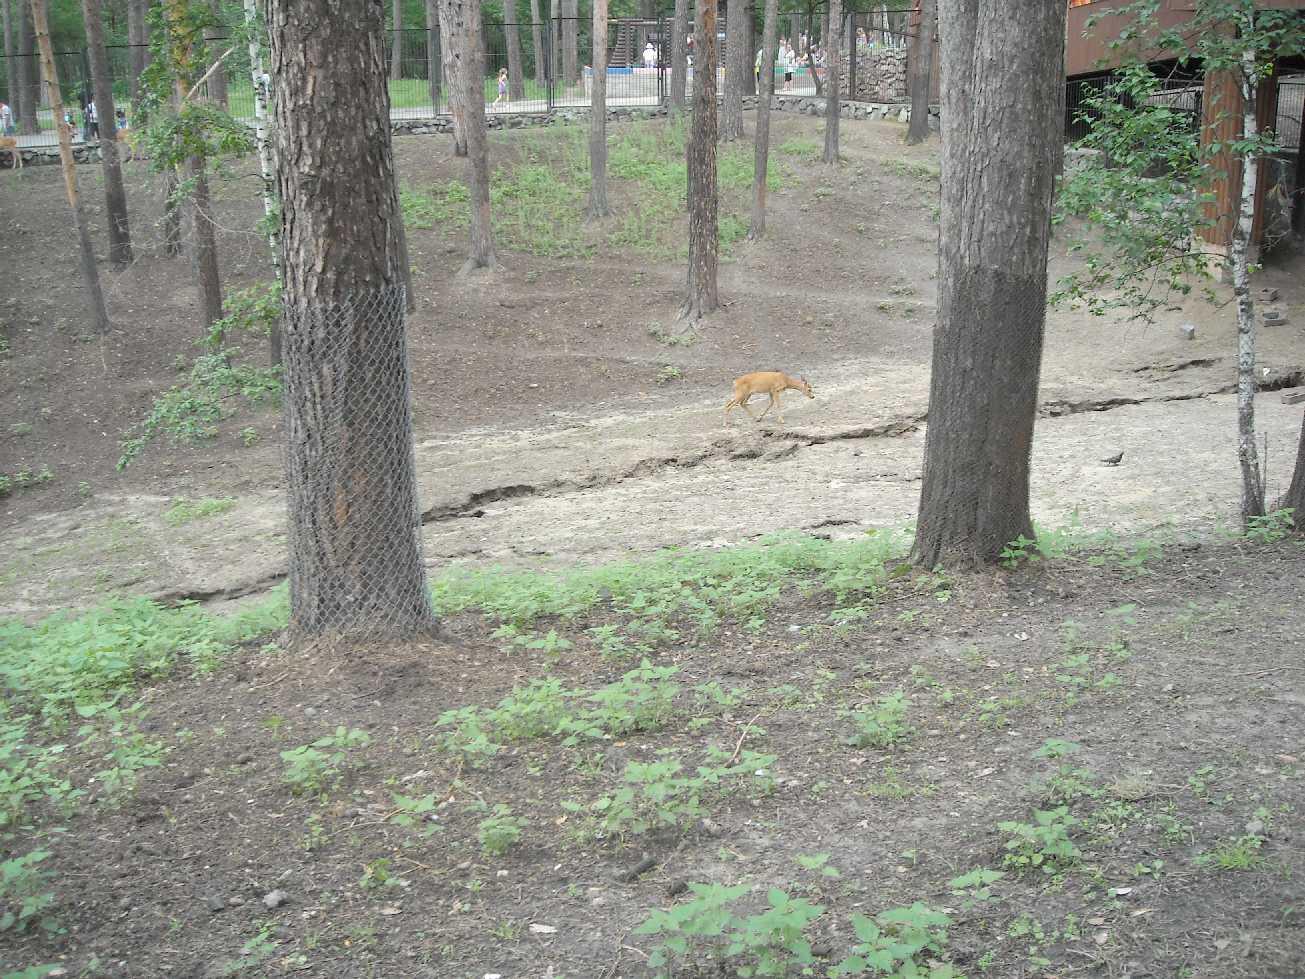 Сибирская косуля - Capreolus (capreolus) pygargus  (фото 8373)